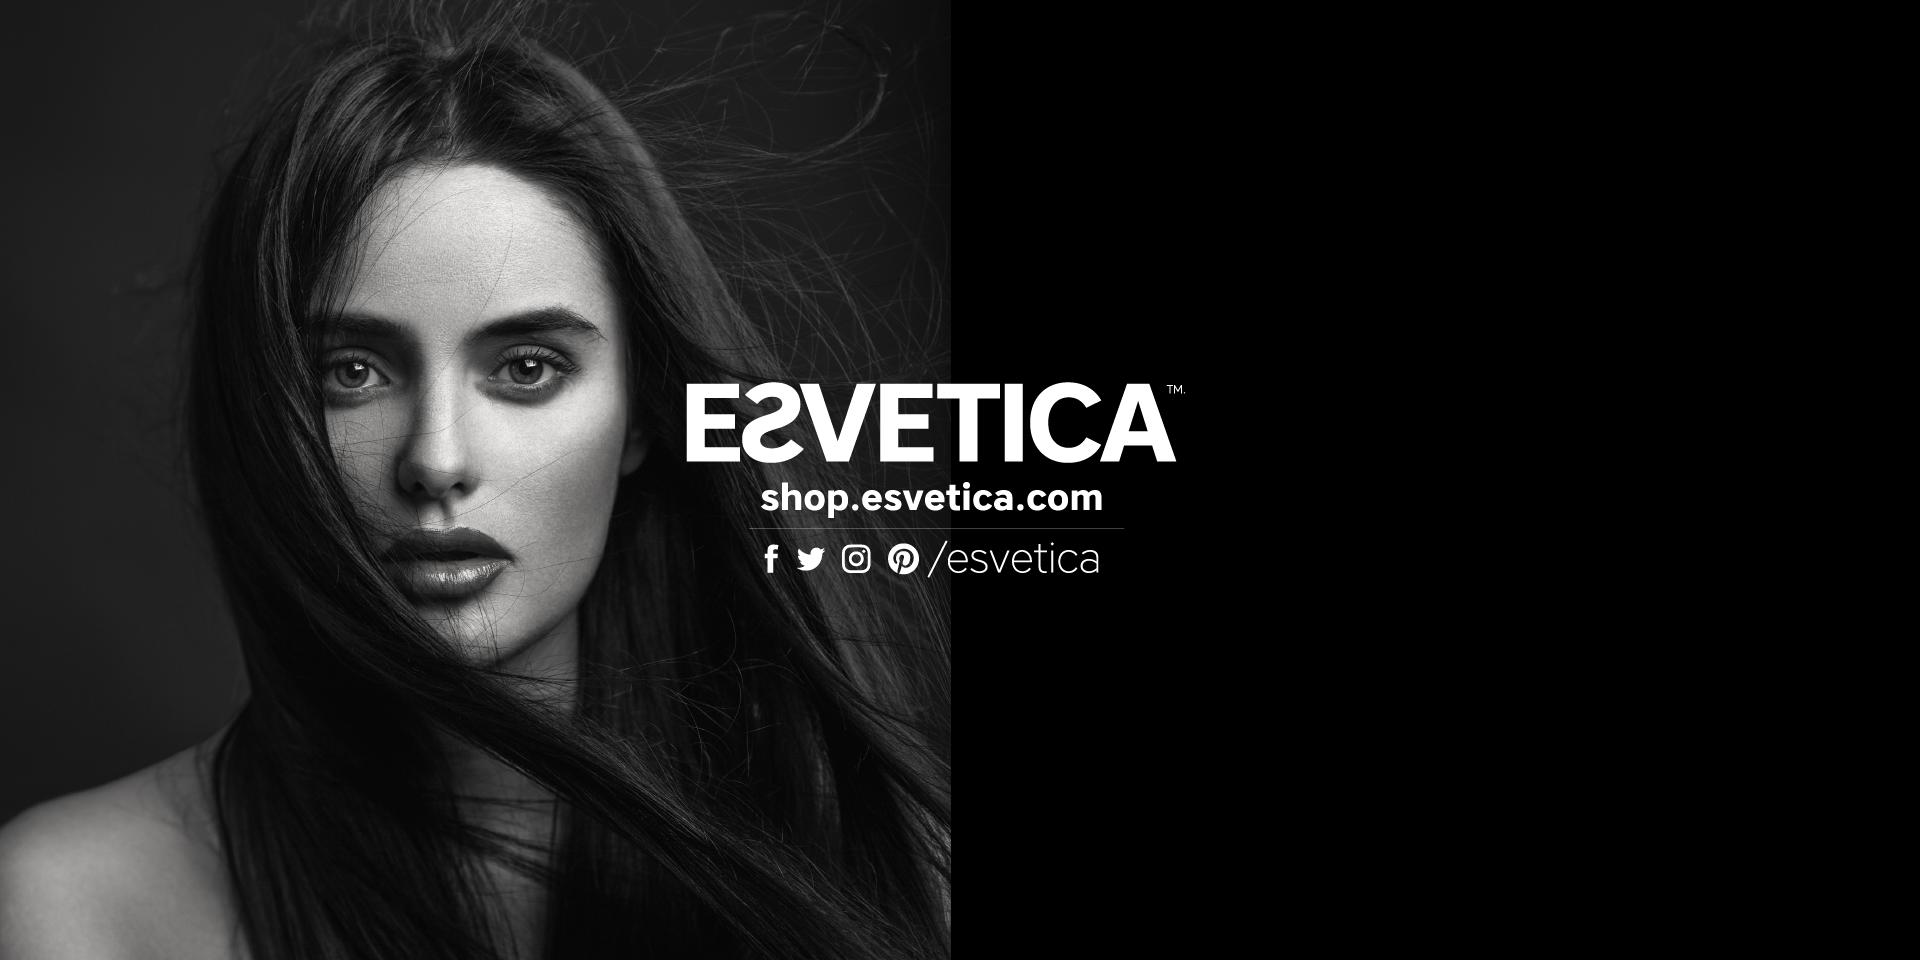 Esvetica Branding